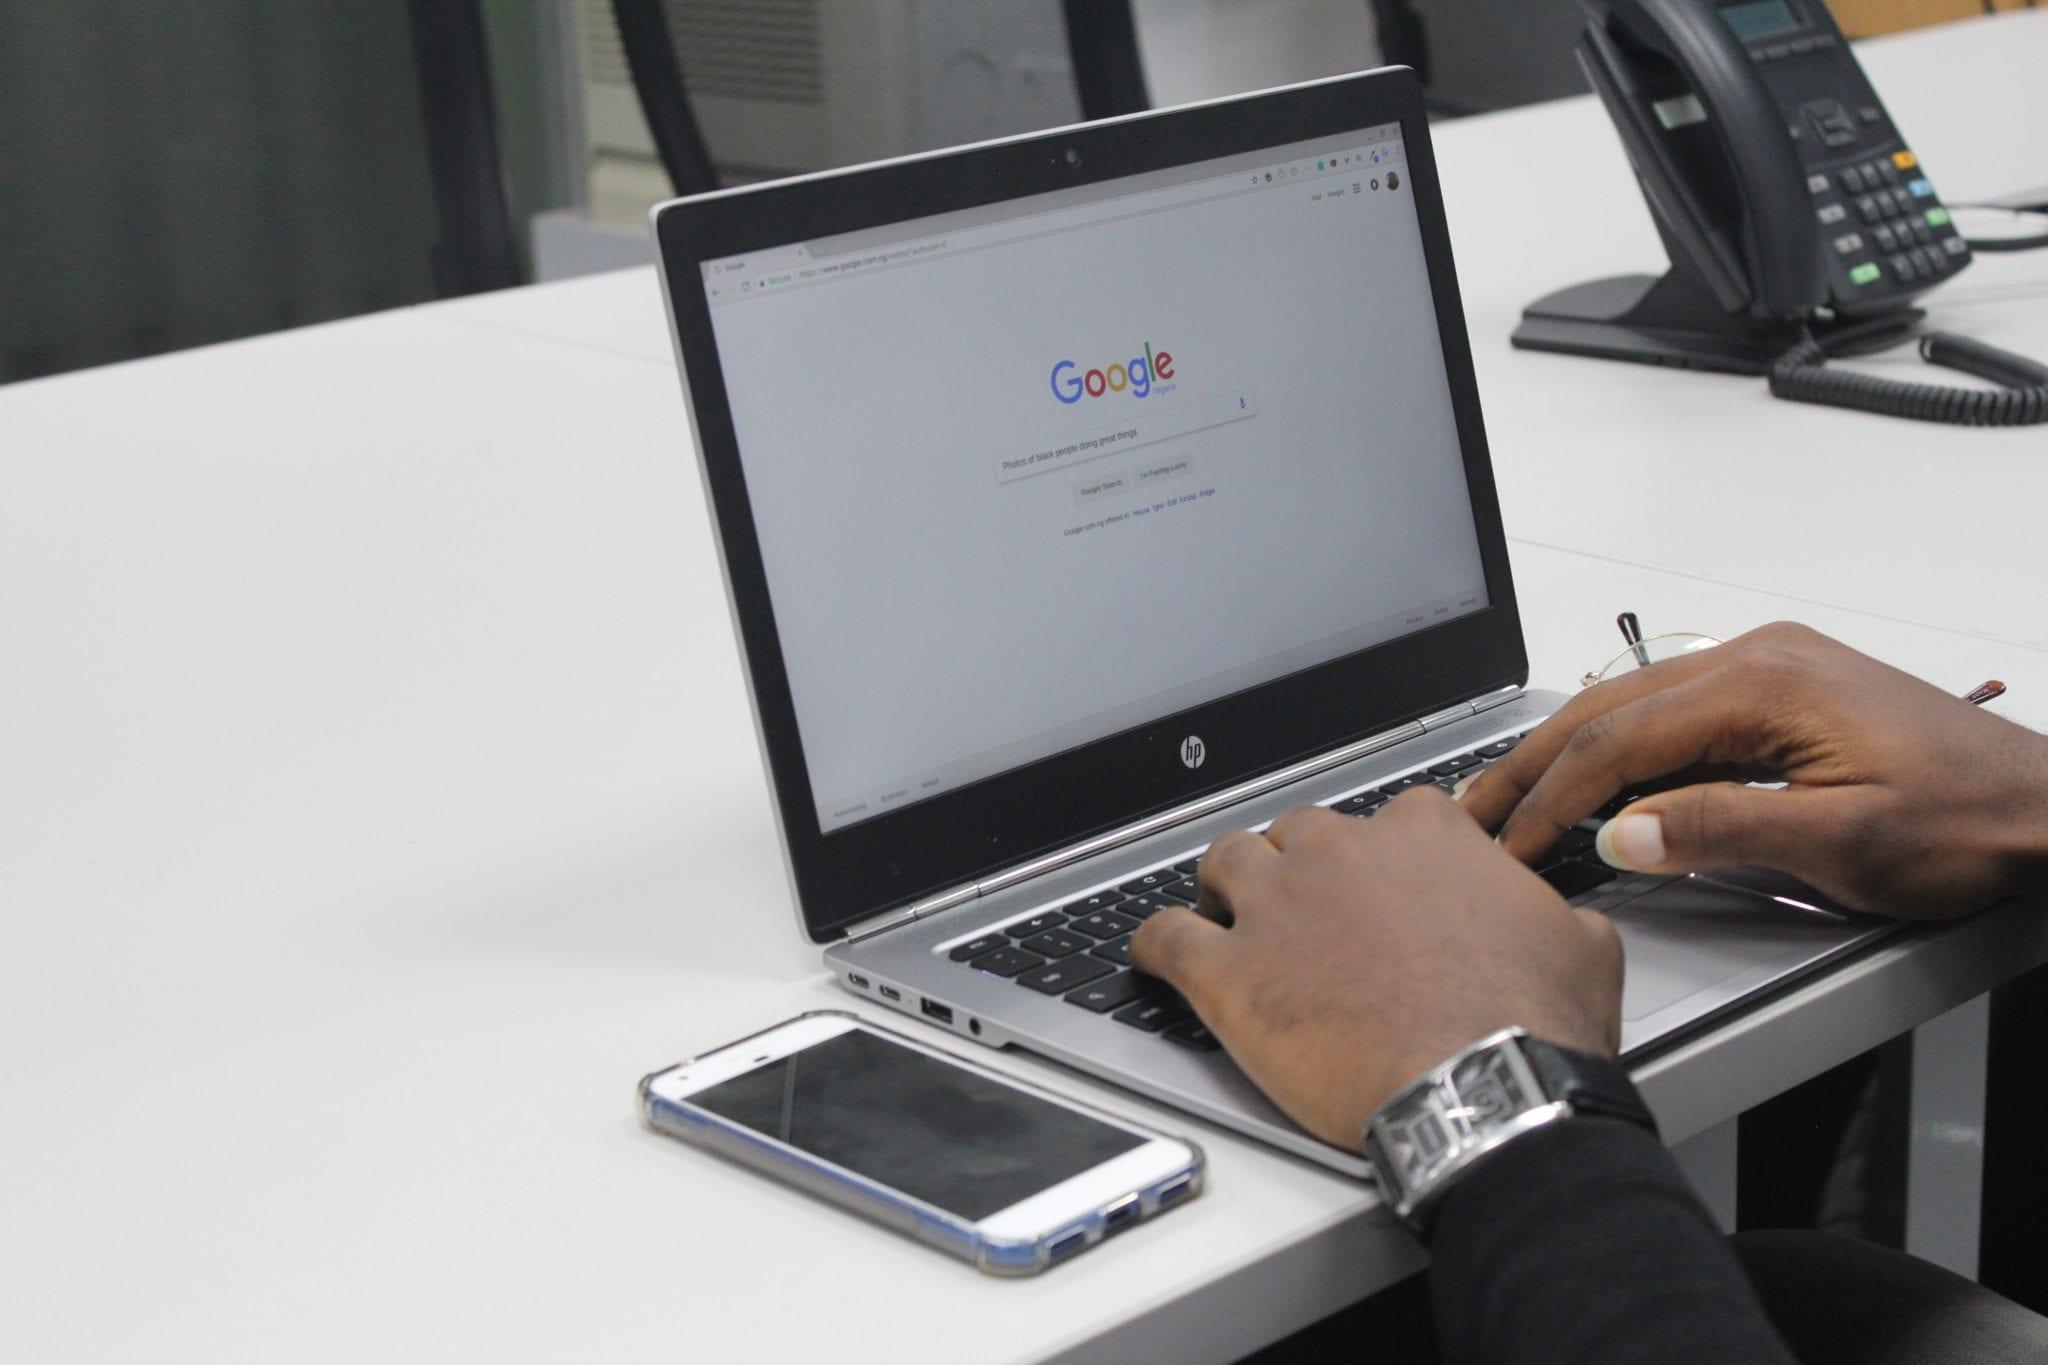 Encuentra Unos Tips Para Posicionar Tus Artículos En Google